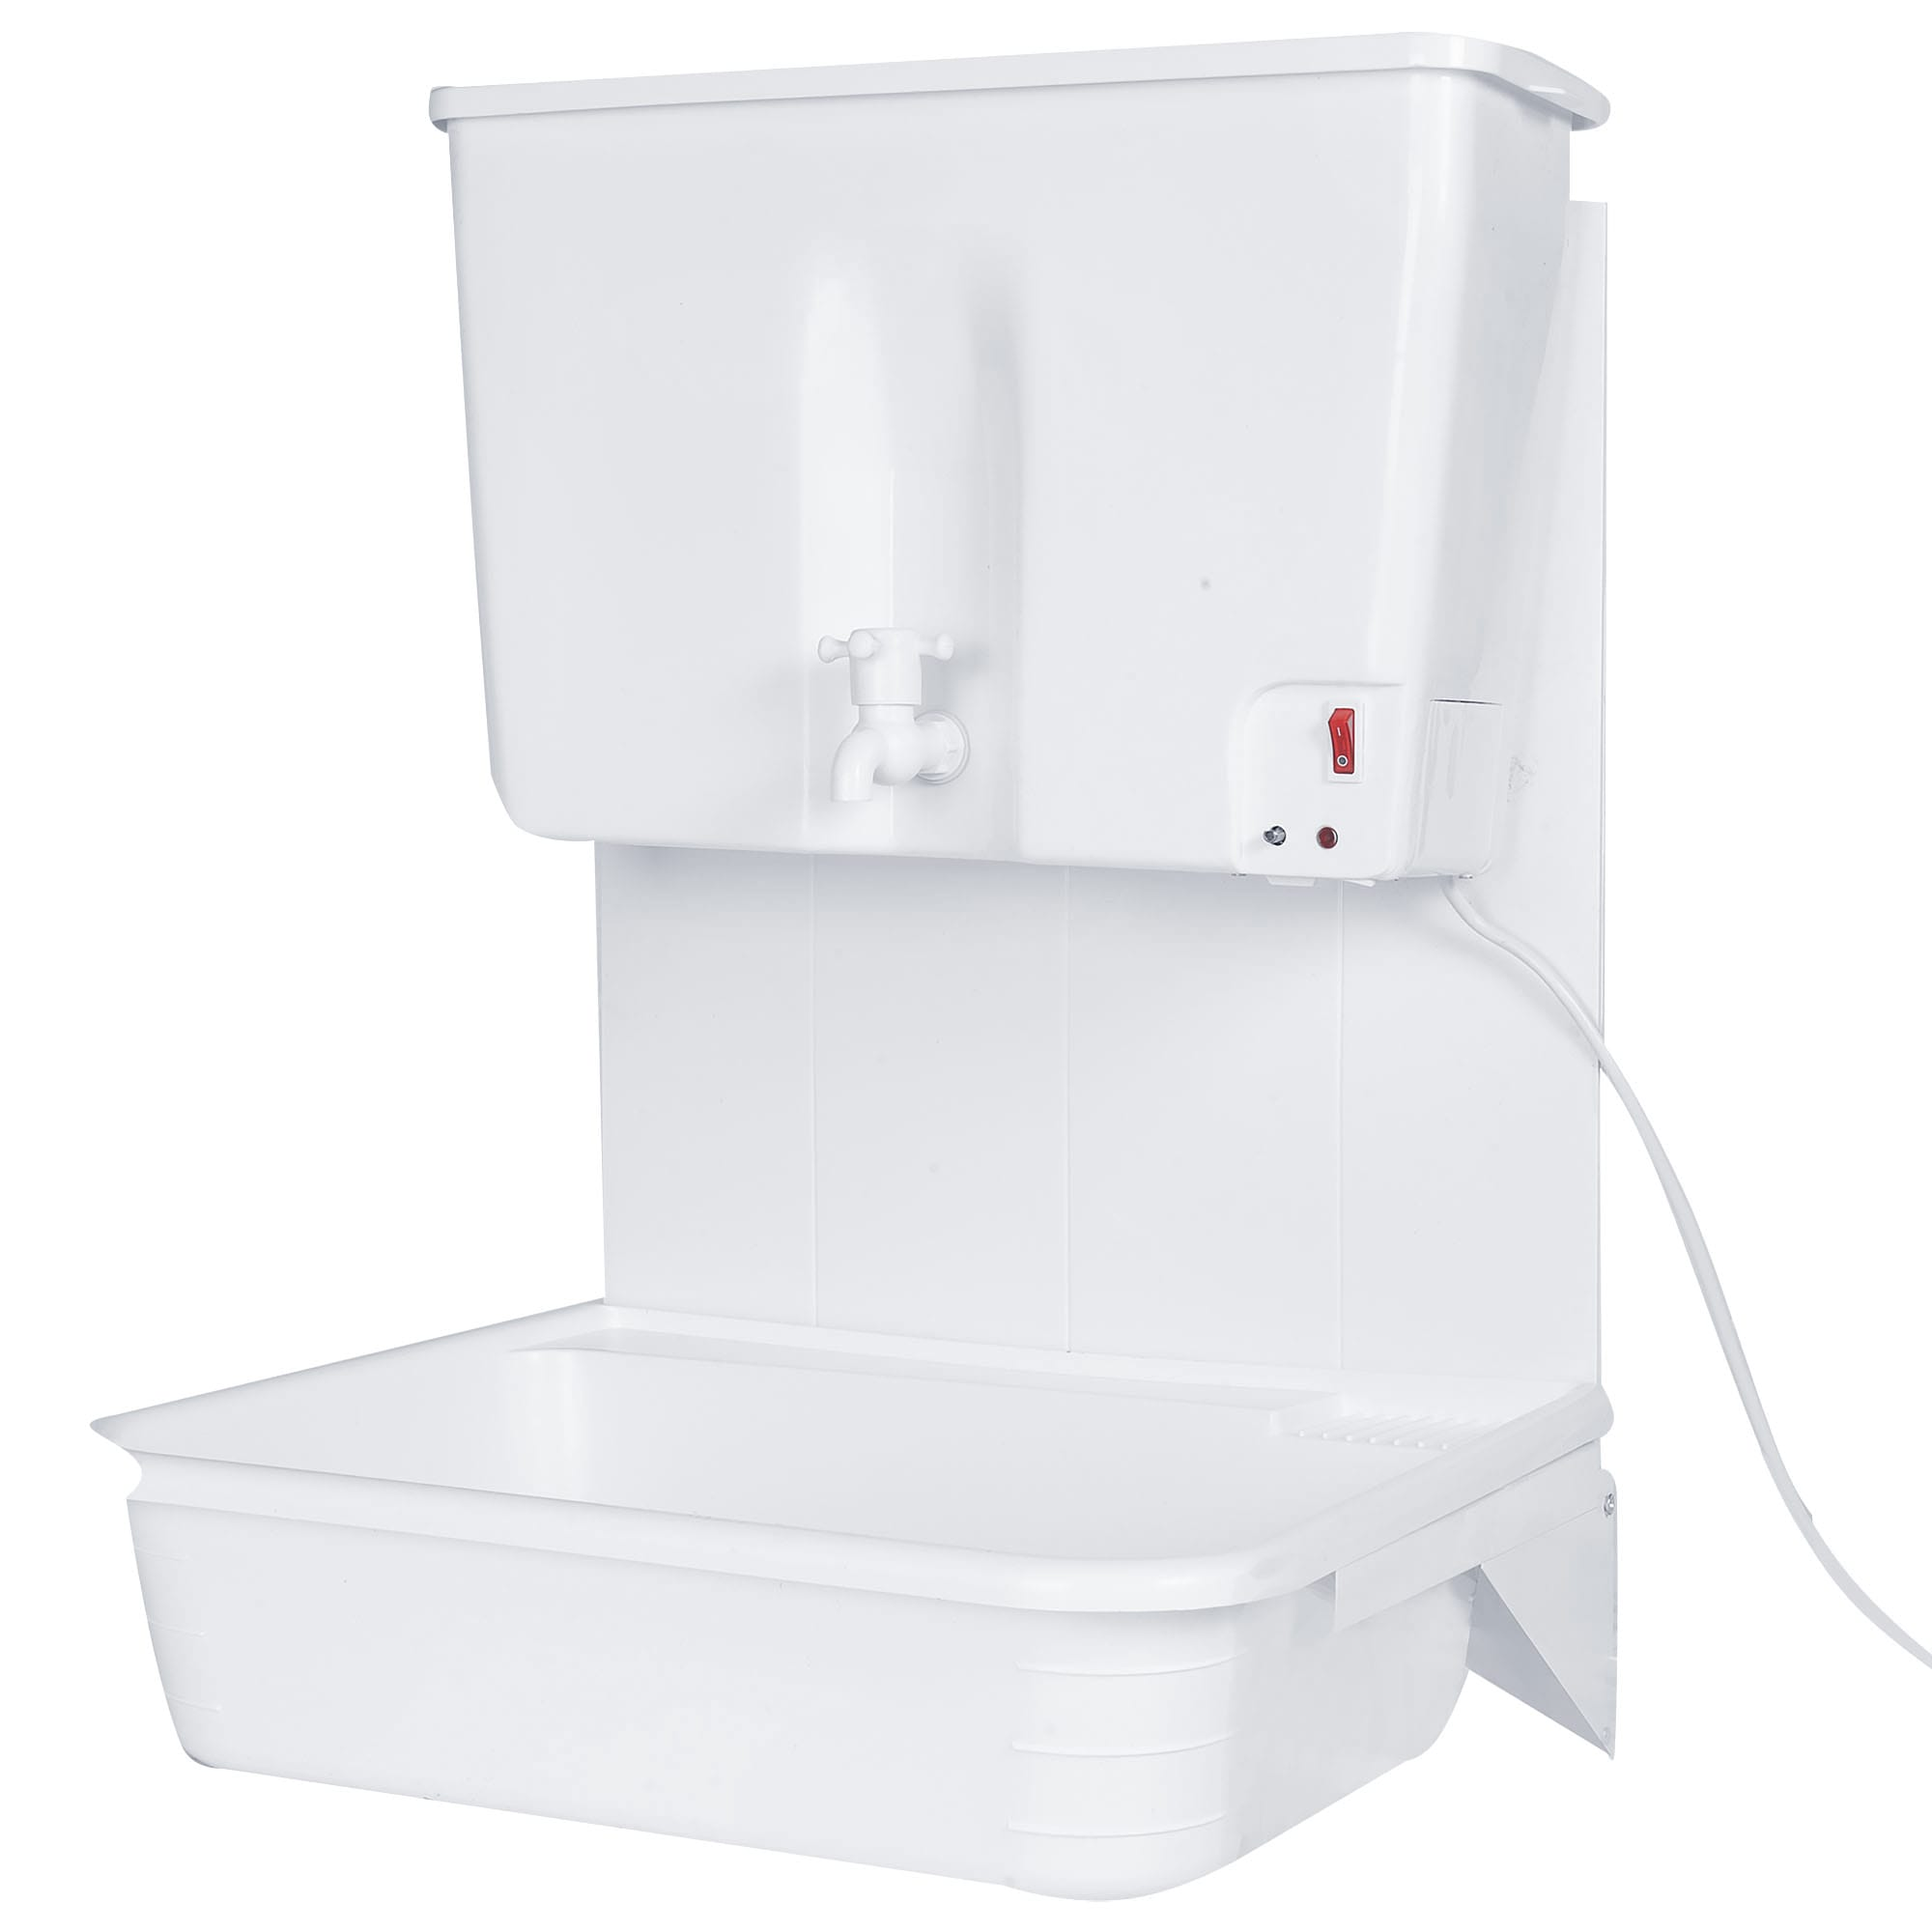 Выбираем умывальник с подогревом воды: подходящий вариант для дачи